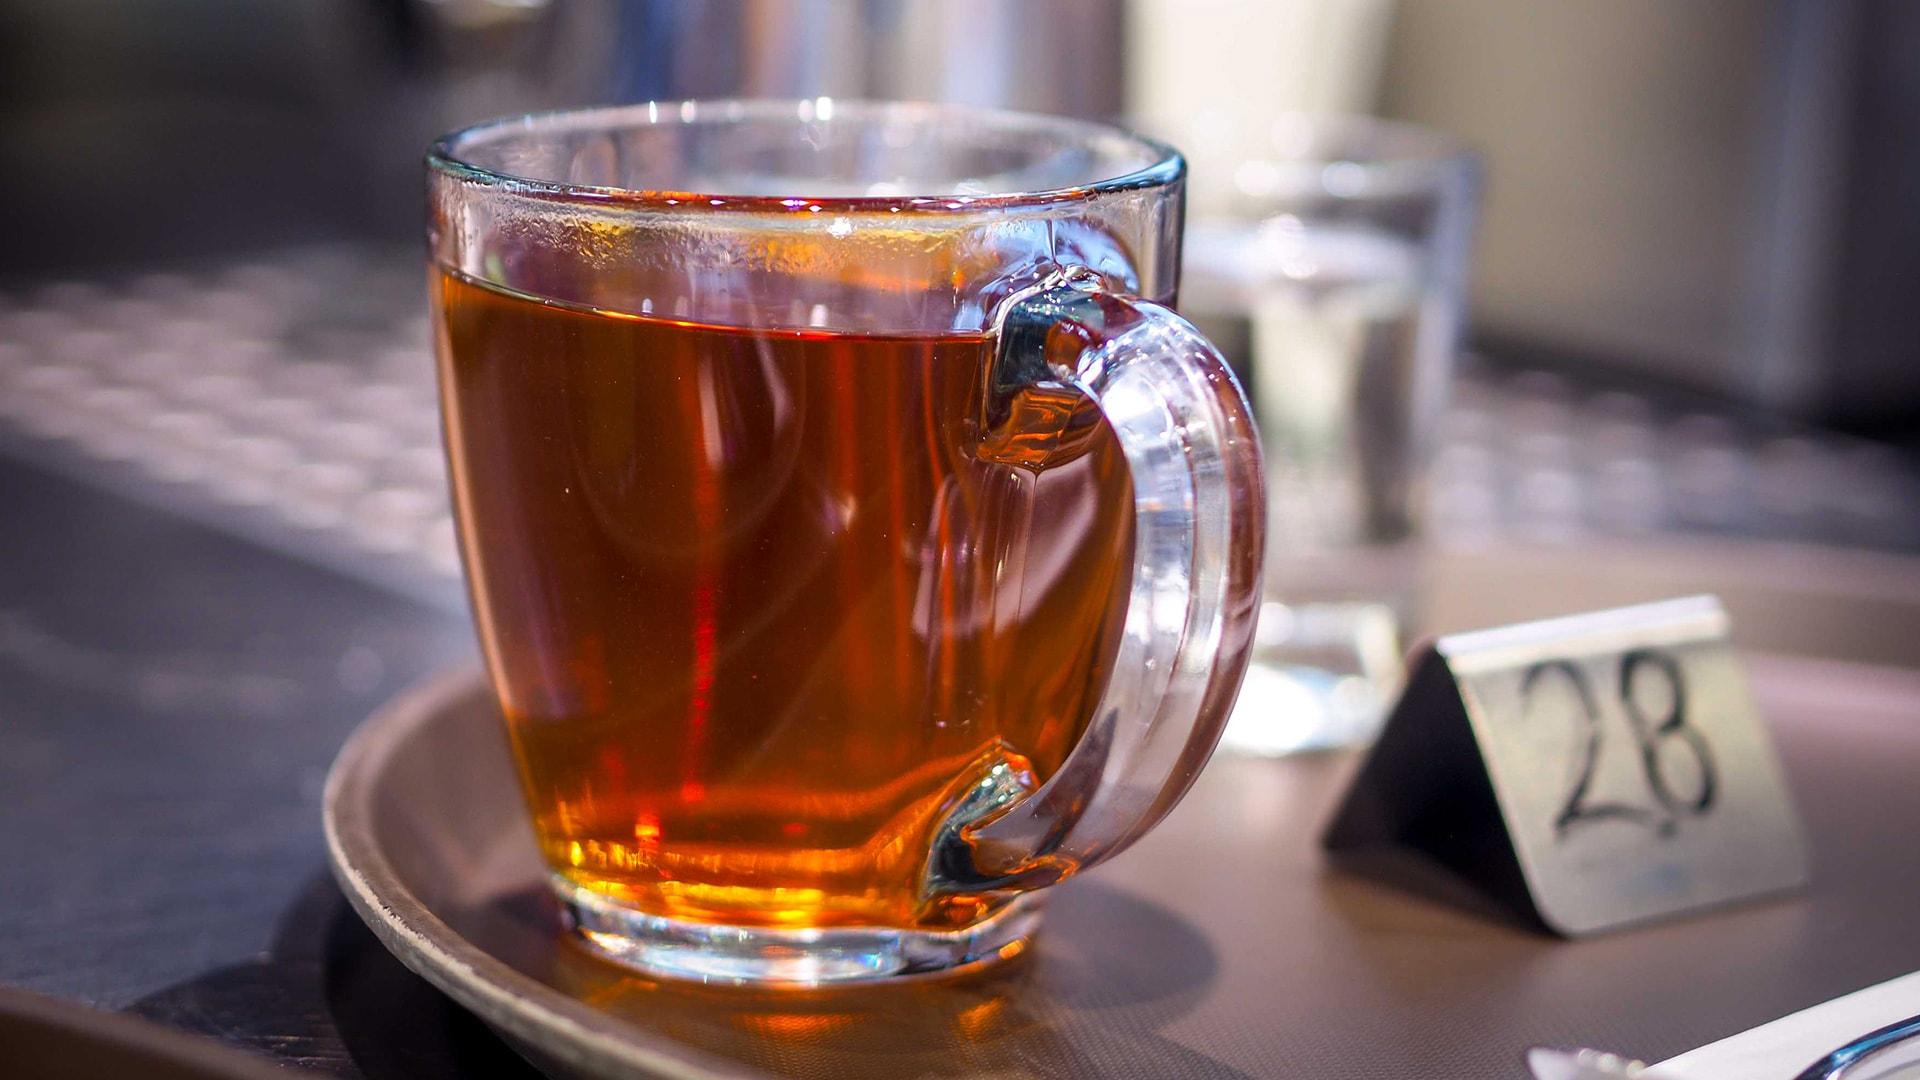 Teespezialitäten - GENUSSWERK München